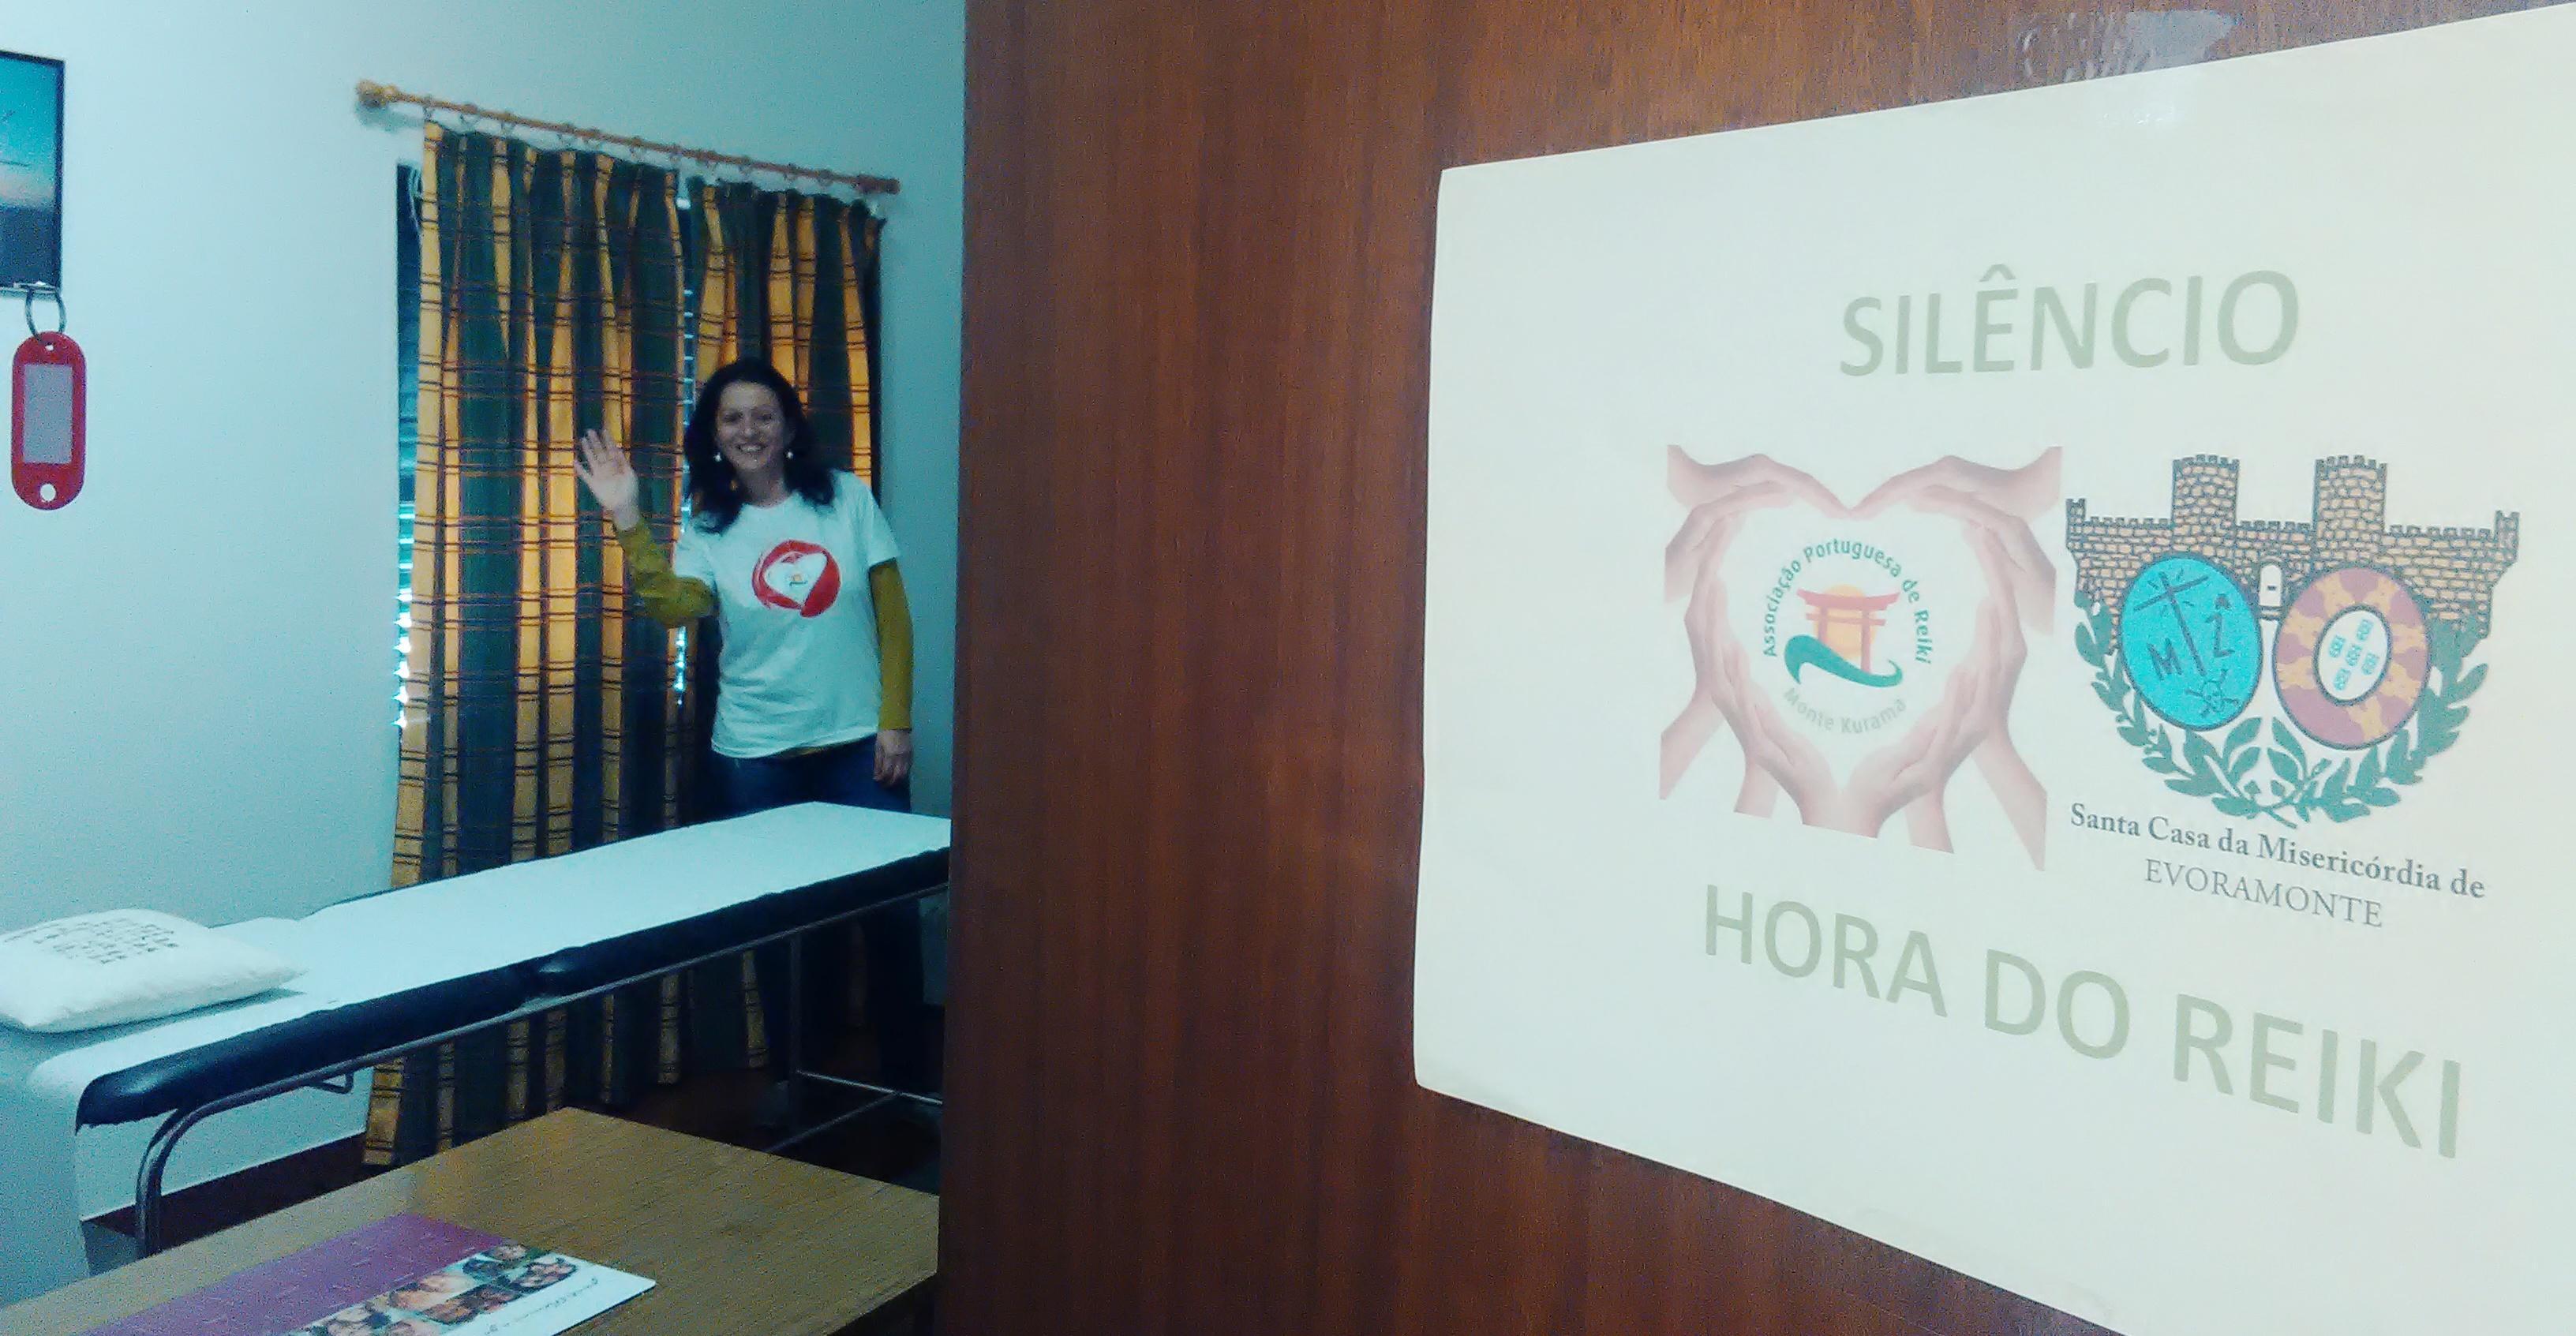 """""""Voluntariado de Reiki aos """"cuidadores"""" na Santa Casa da Misericórdia de Evoramonte"""